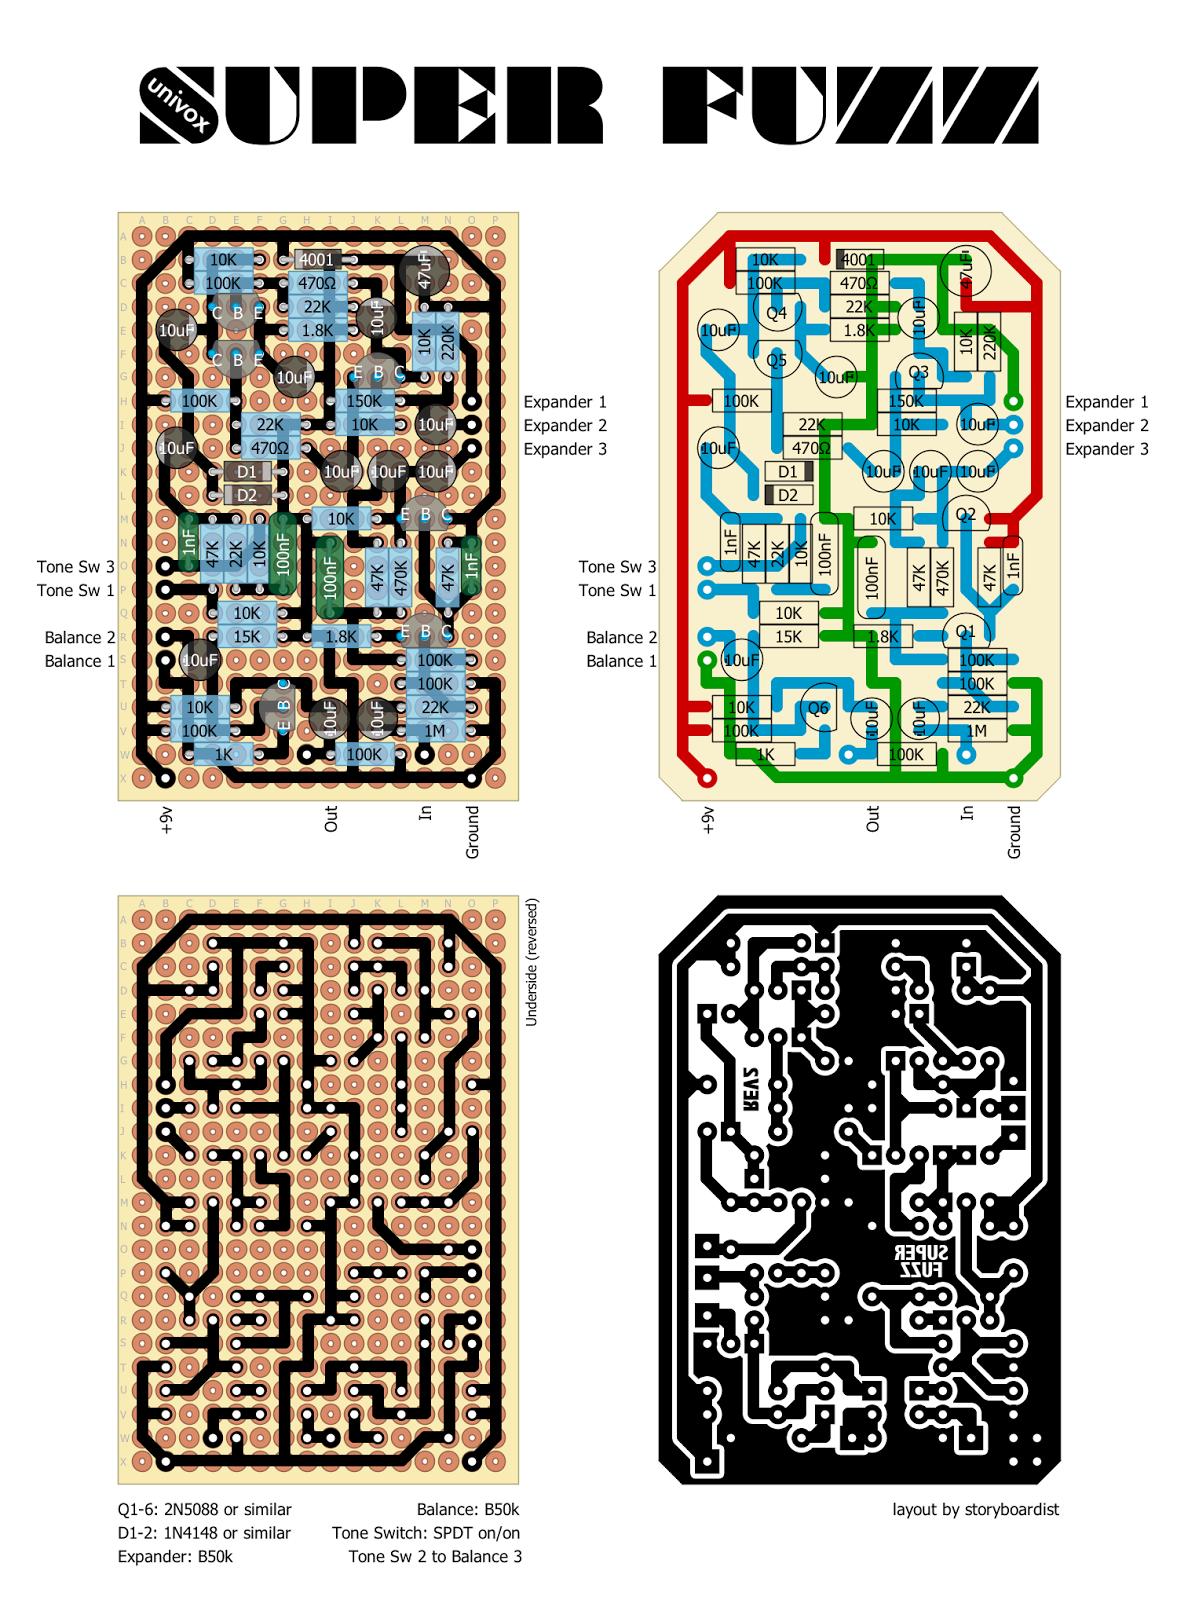 univox super fuzz schematic perf and pcb effects layouts    univox       super       fuzz     perf and pcb effects layouts    univox       super       fuzz